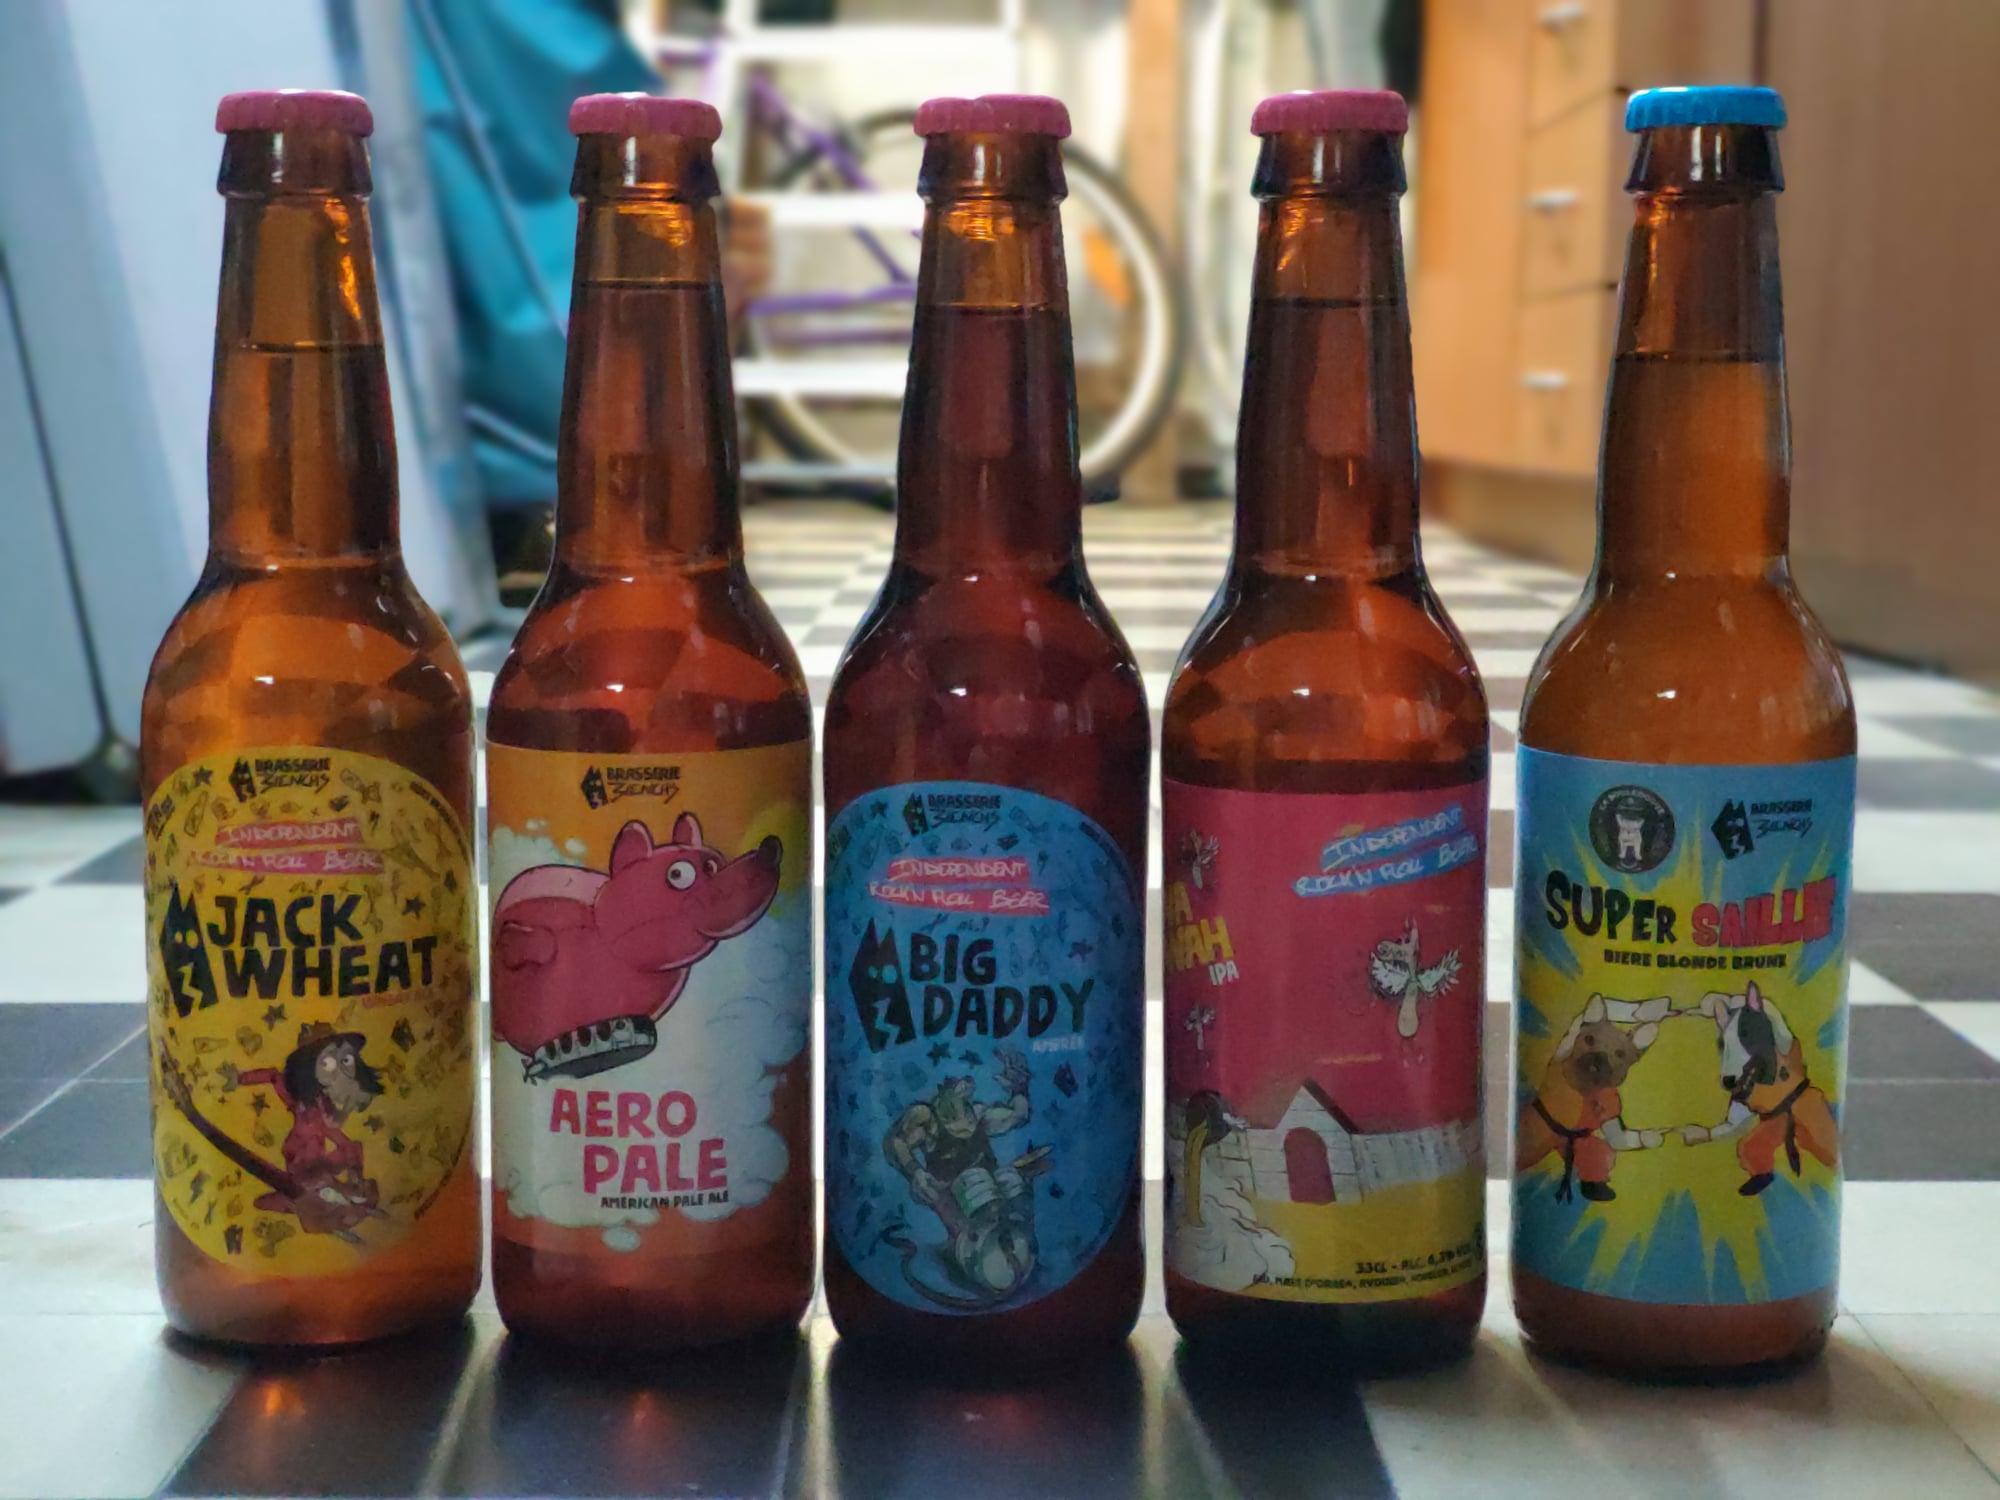 Bières artisanales 3ienchs